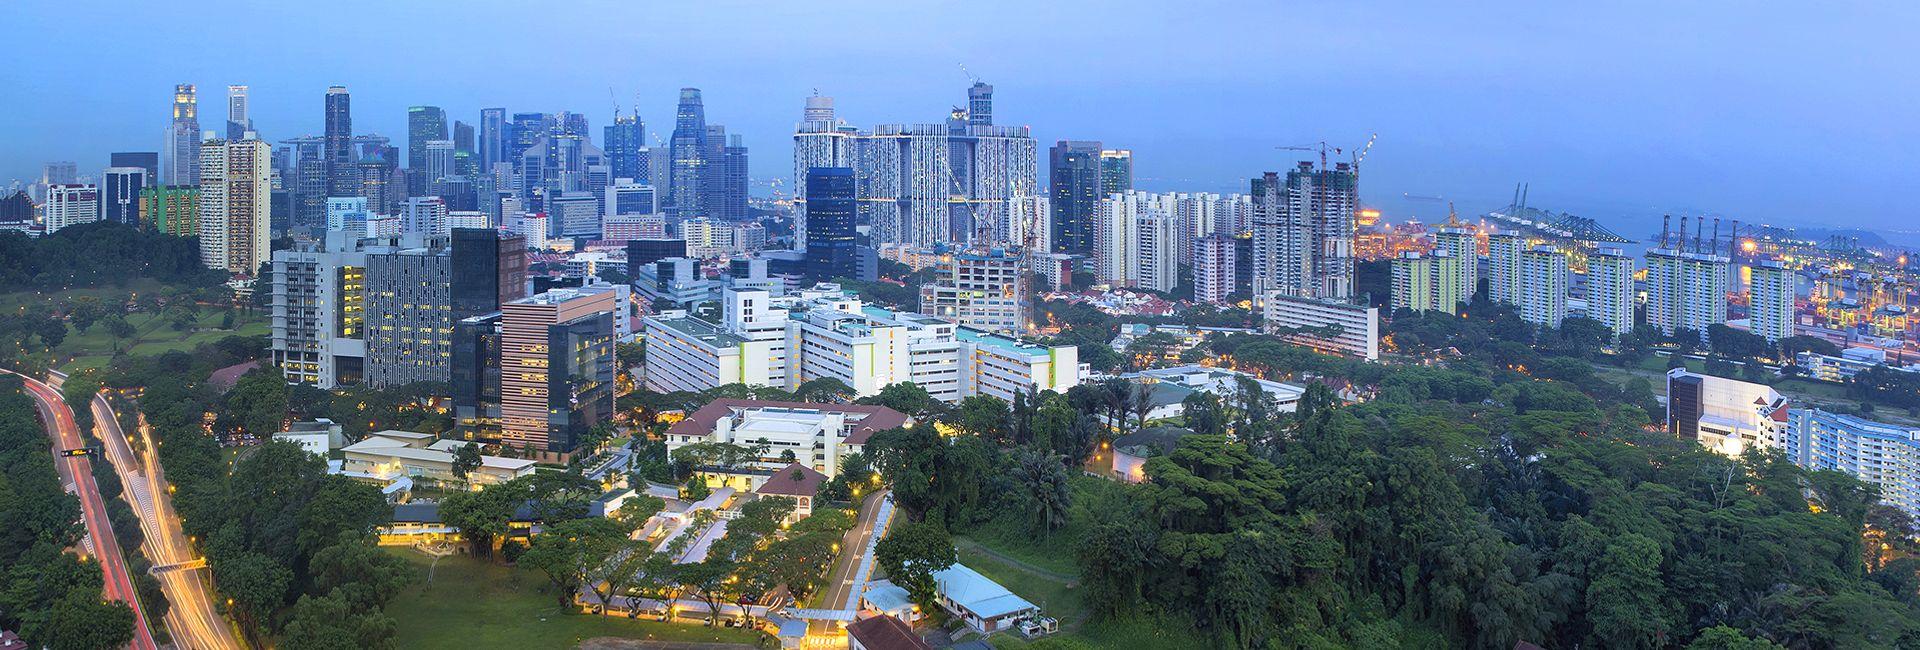 Top 10 trải nghiệm thú vị khu Tiong Bahru, Singapore